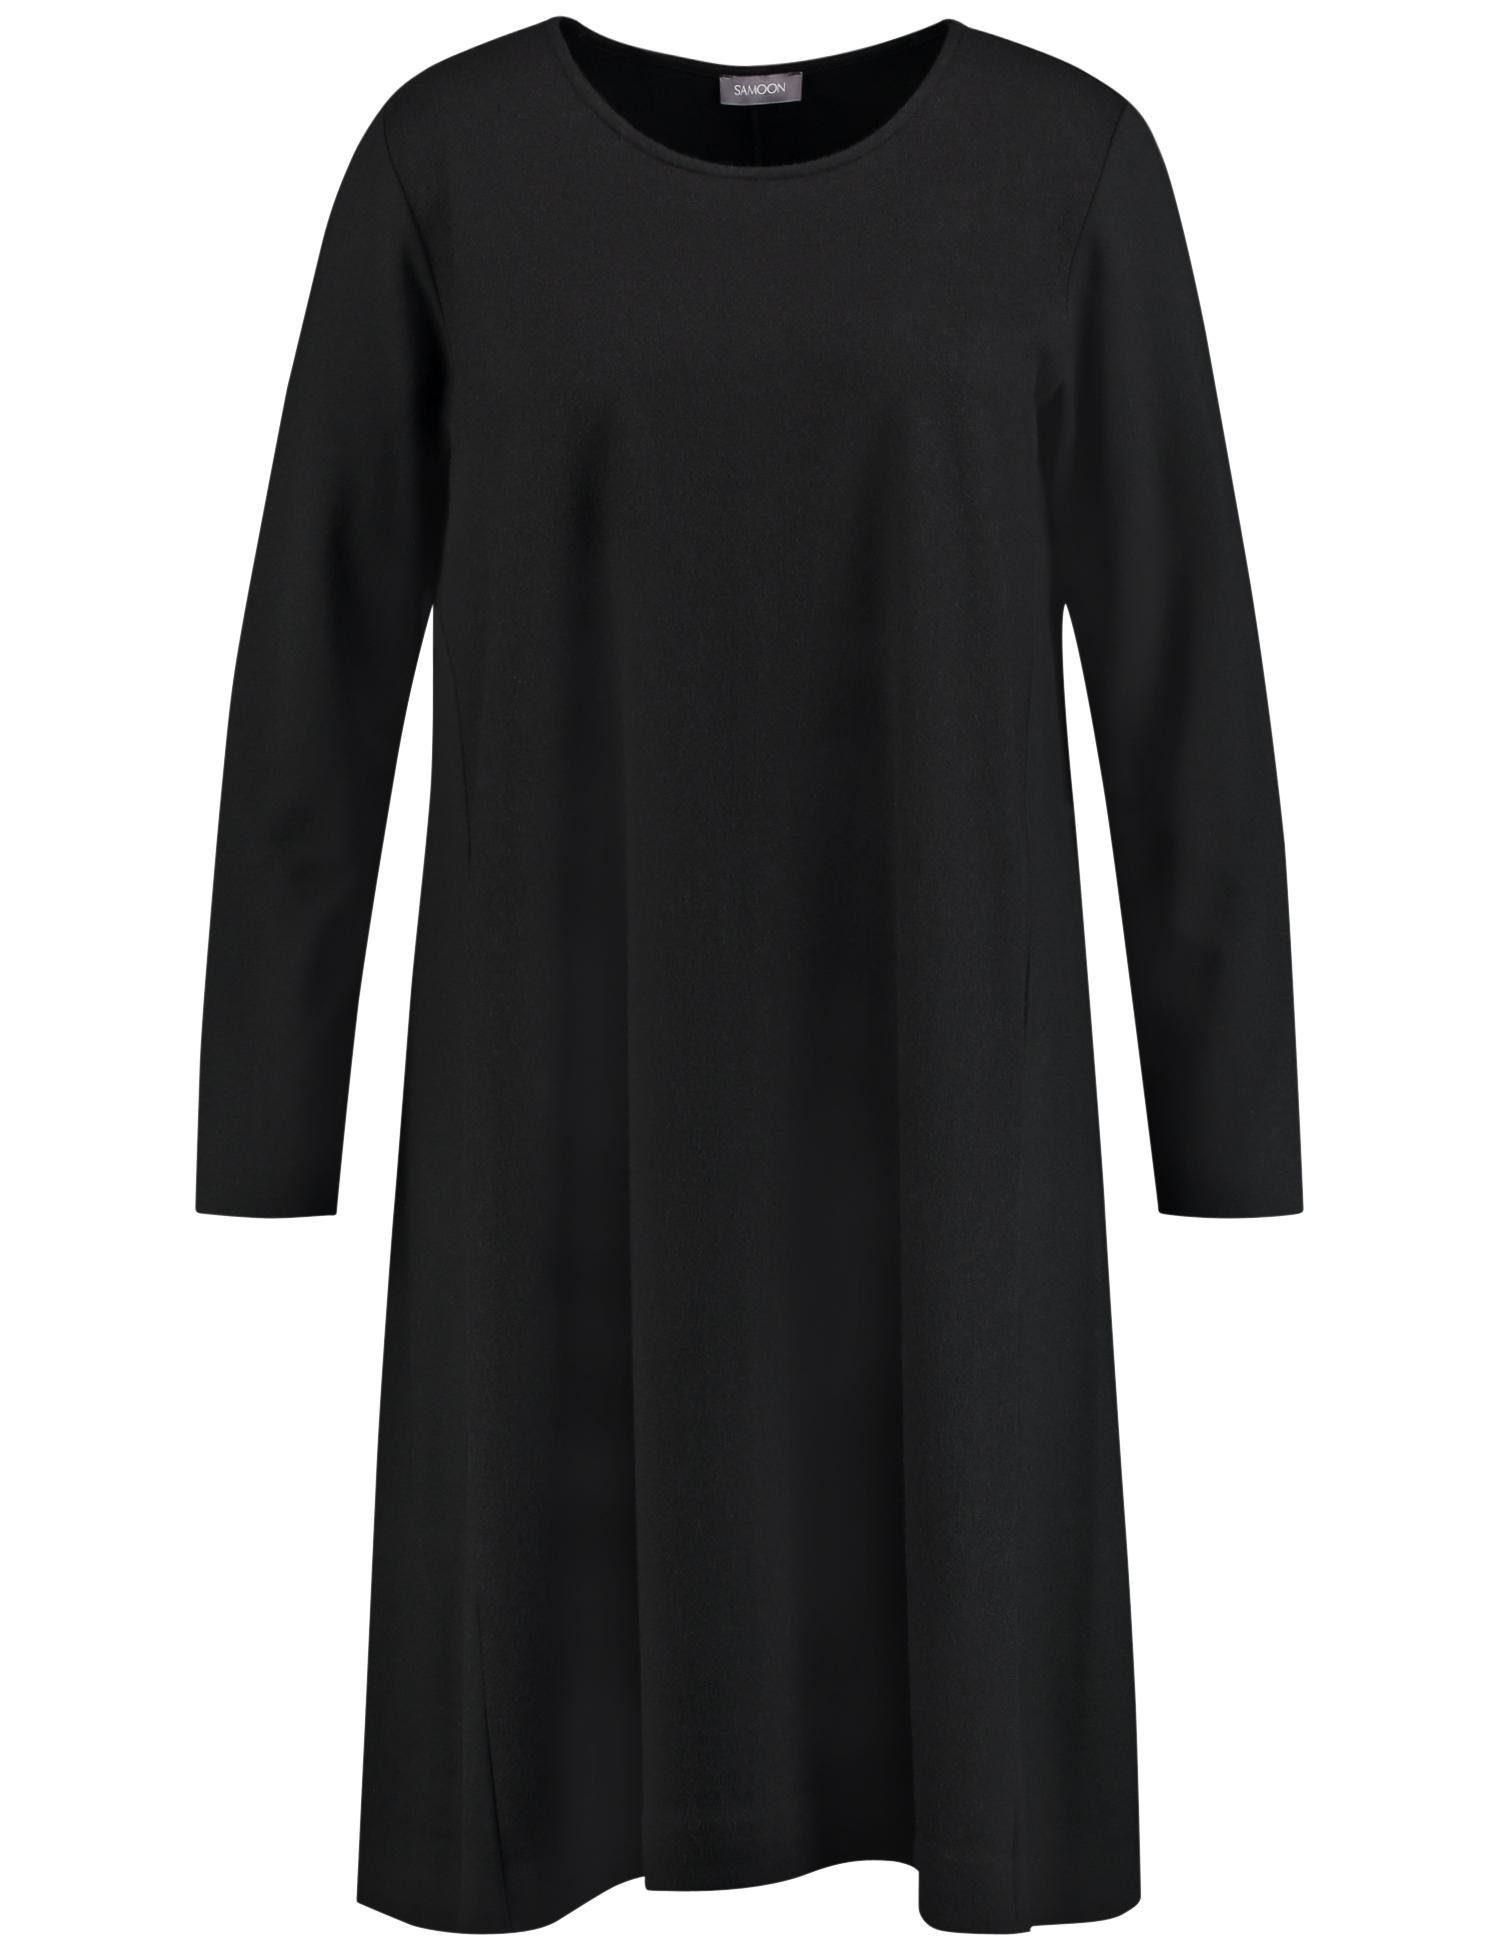 SAMOON Kleid Gewirke Kleid in A-Linie